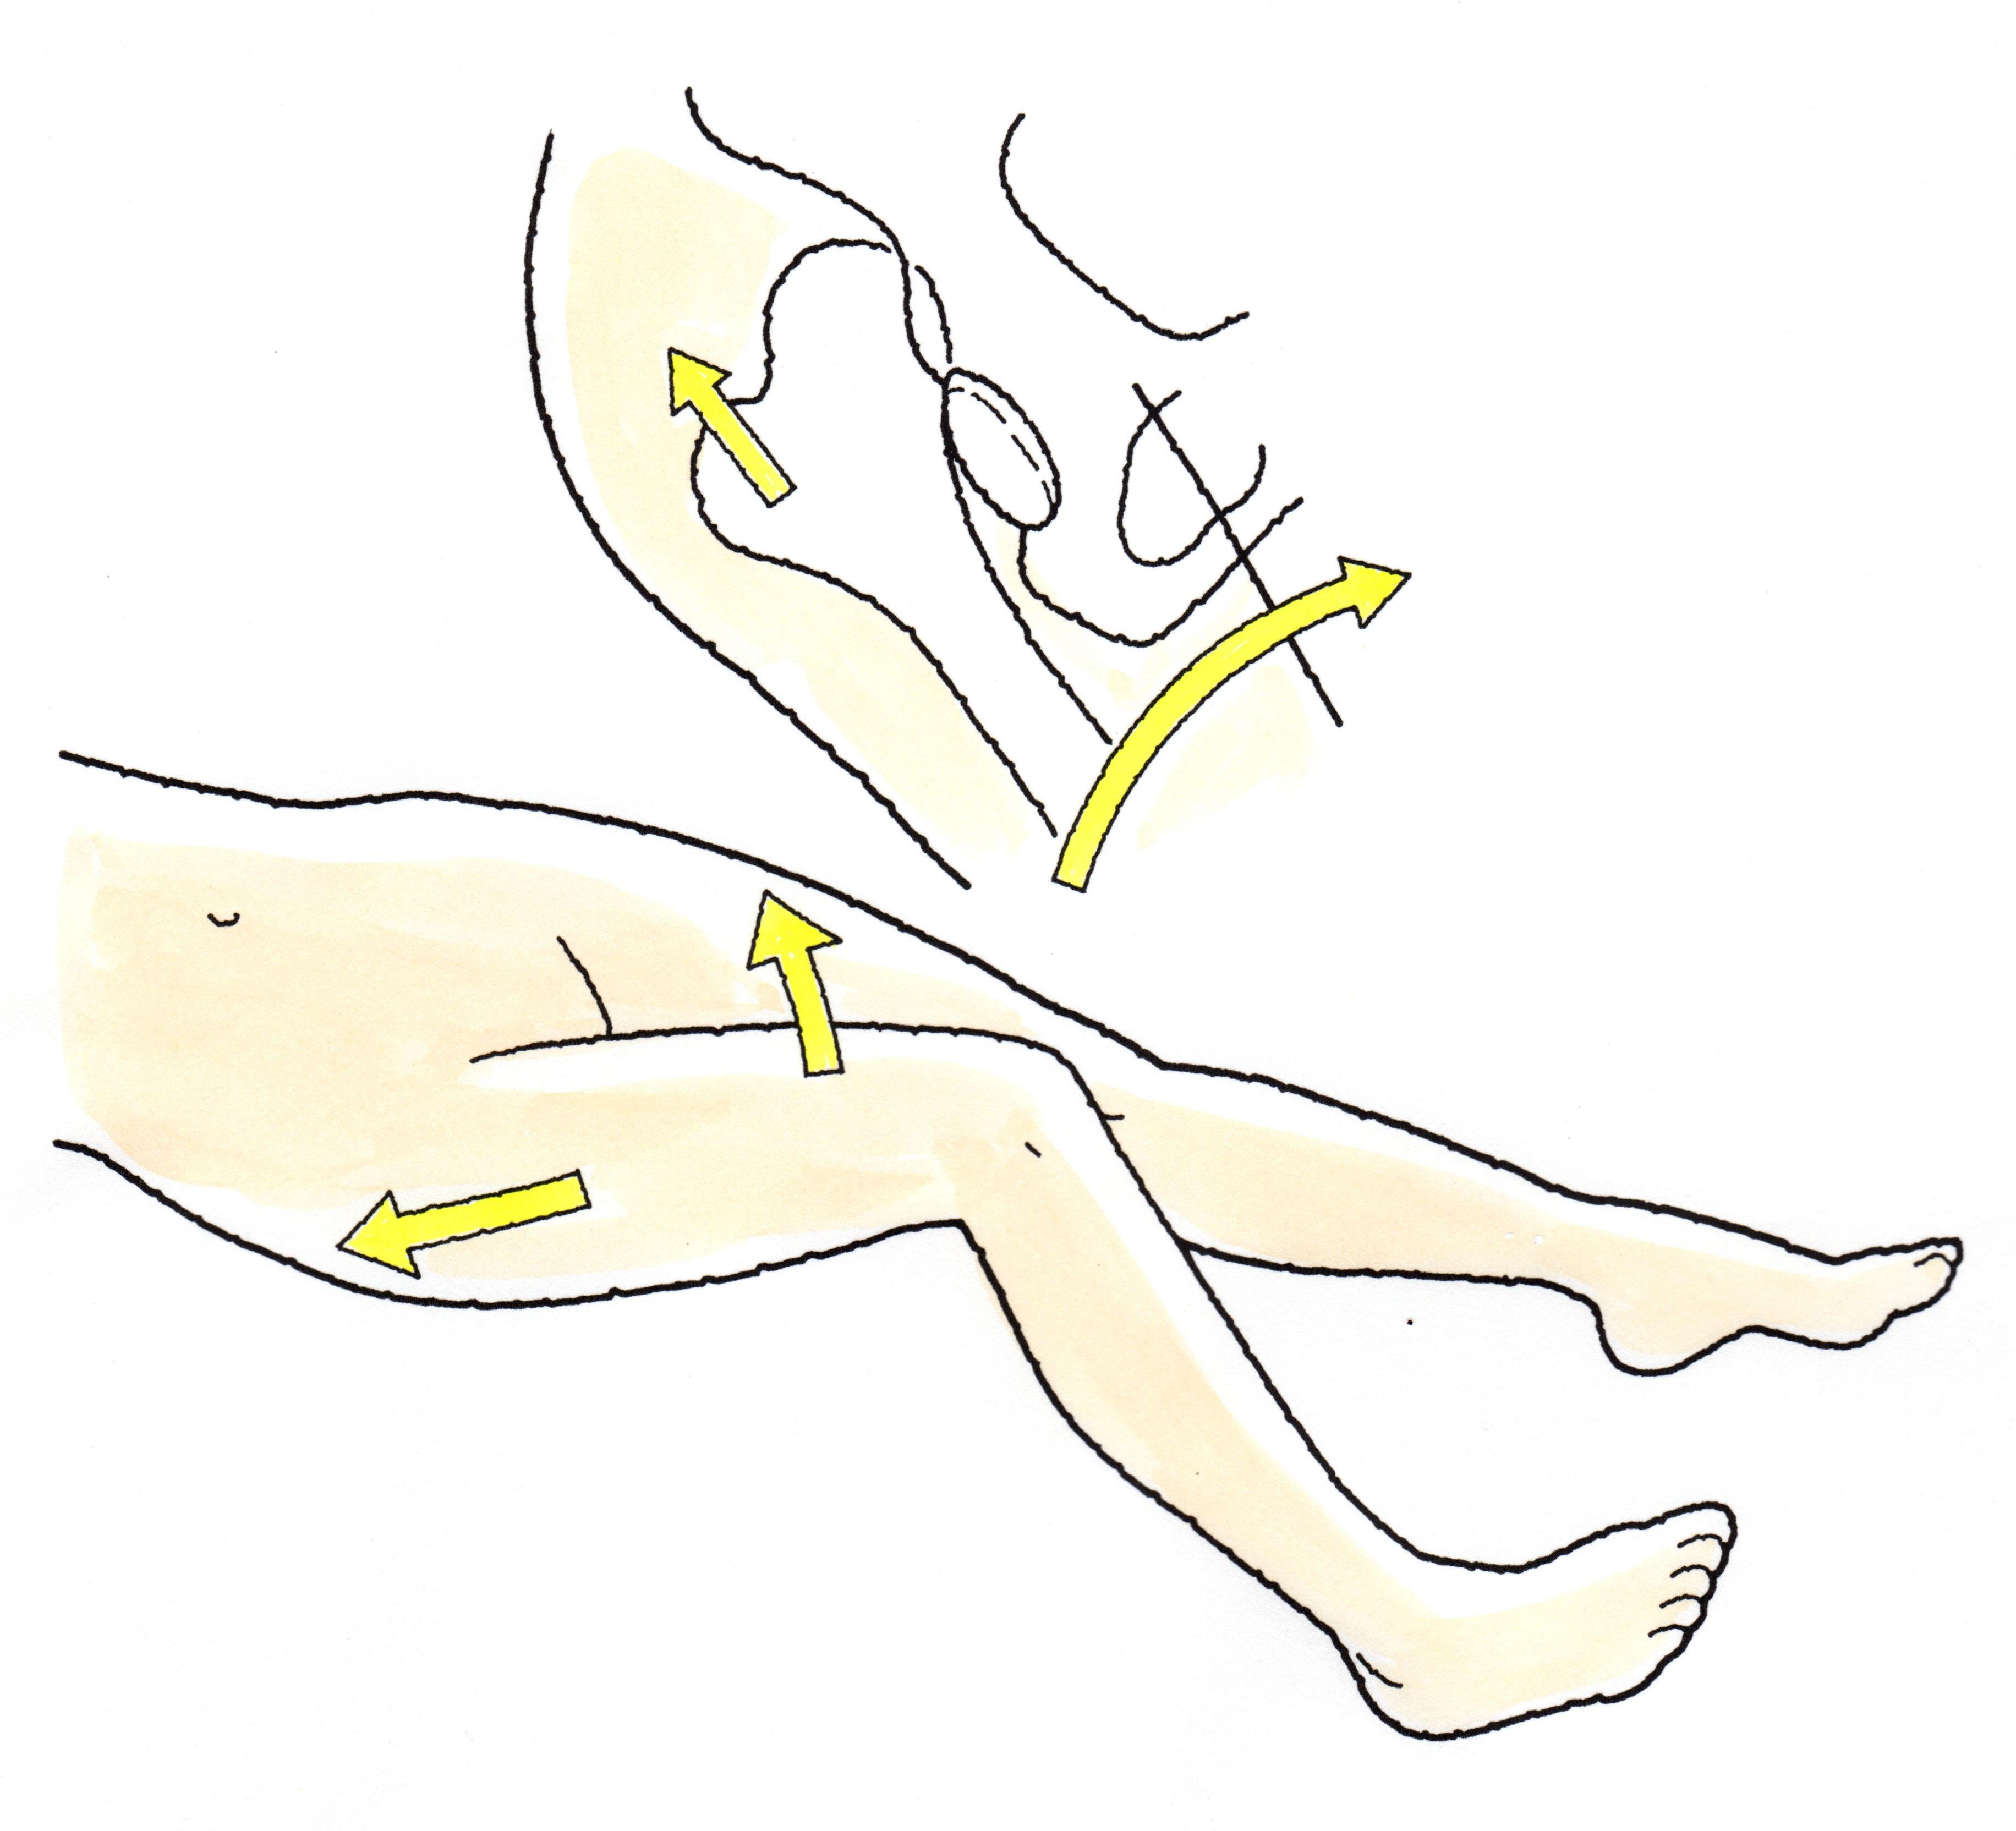 骨頭 術 脱臼 置換 人工